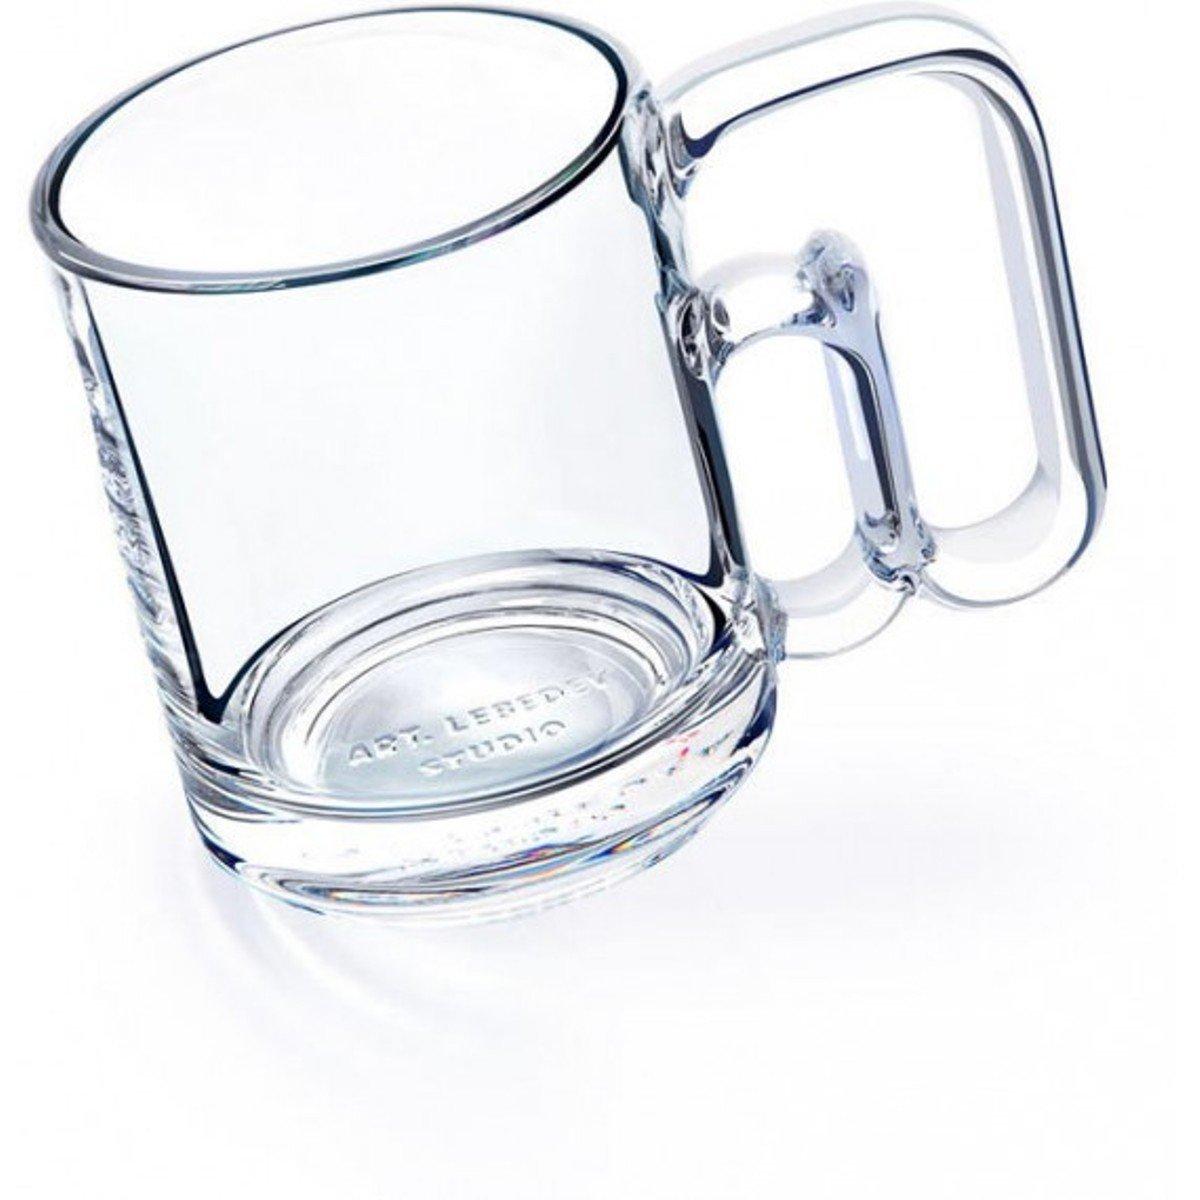 Atmarkus 玻璃杯